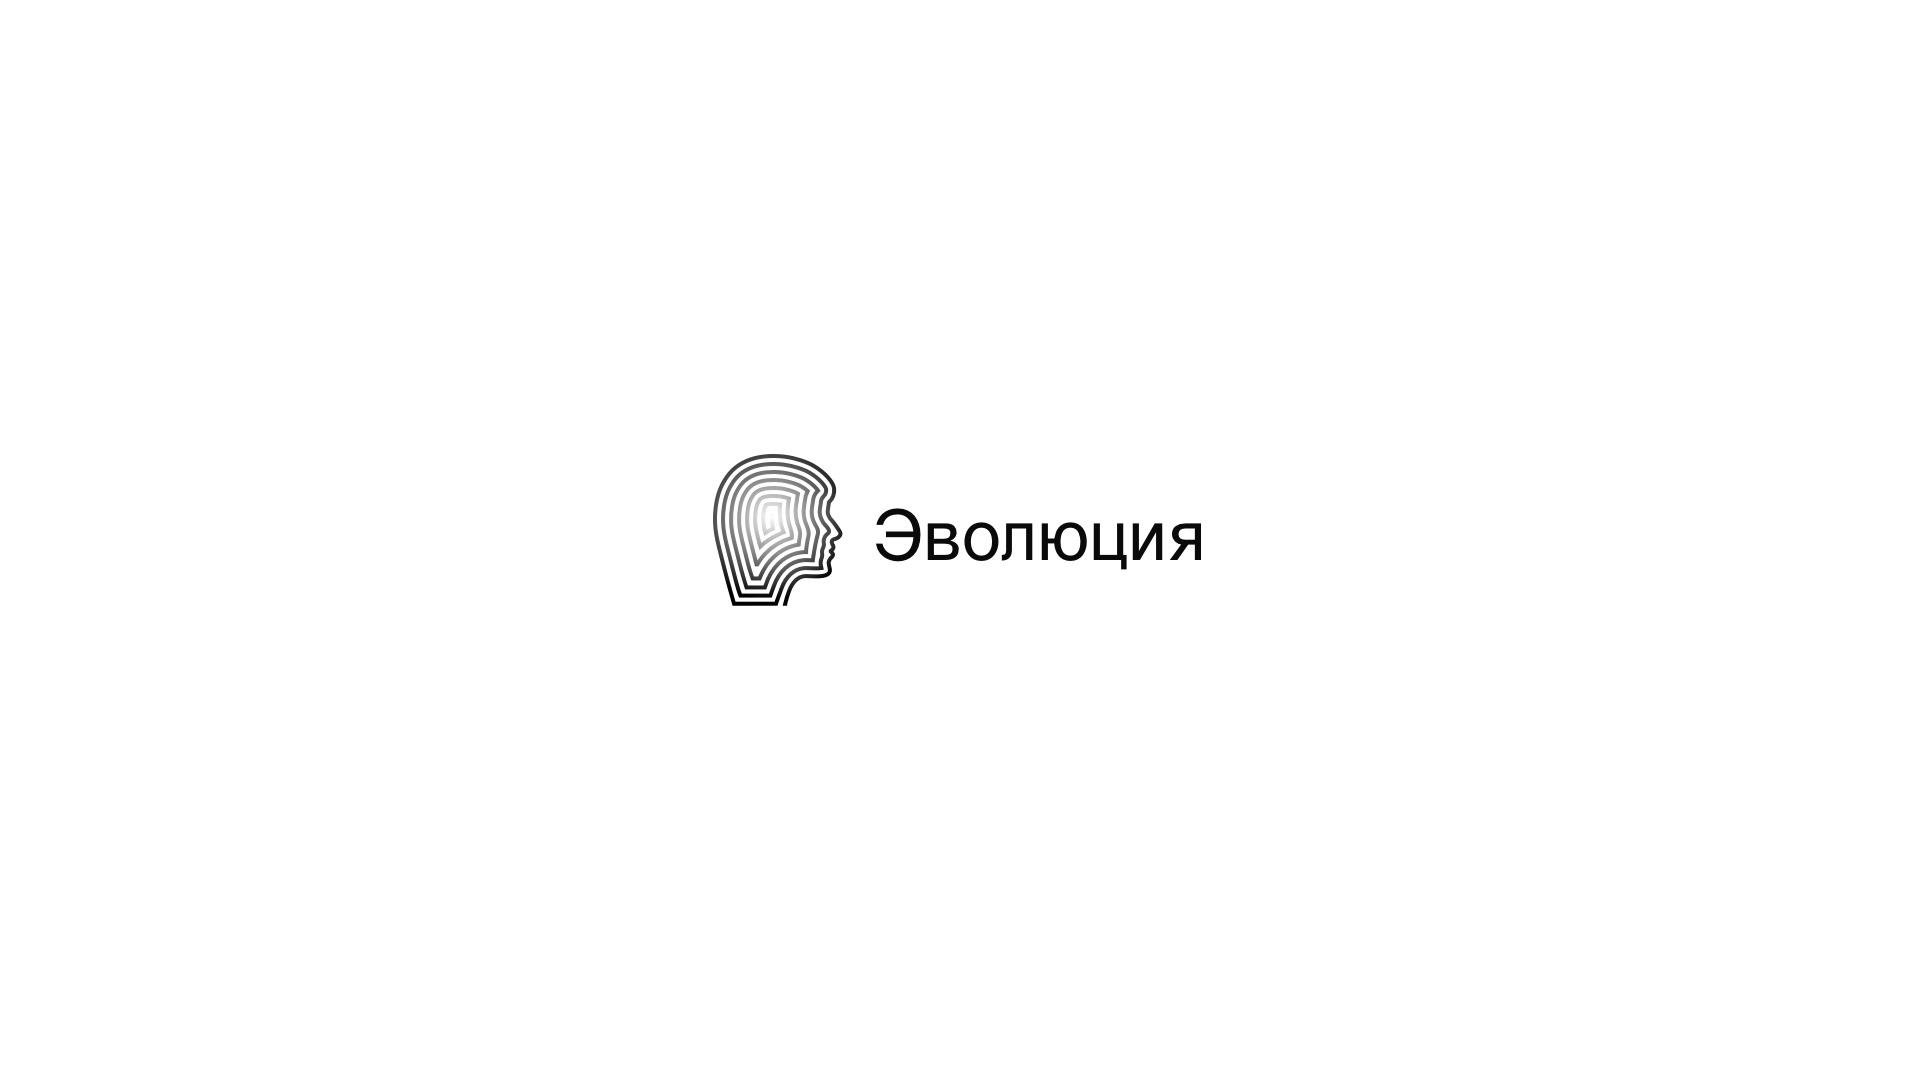 Разработать логотип для Онлайн-школы и сообщества фото f_5555bc4c4970850e.jpg